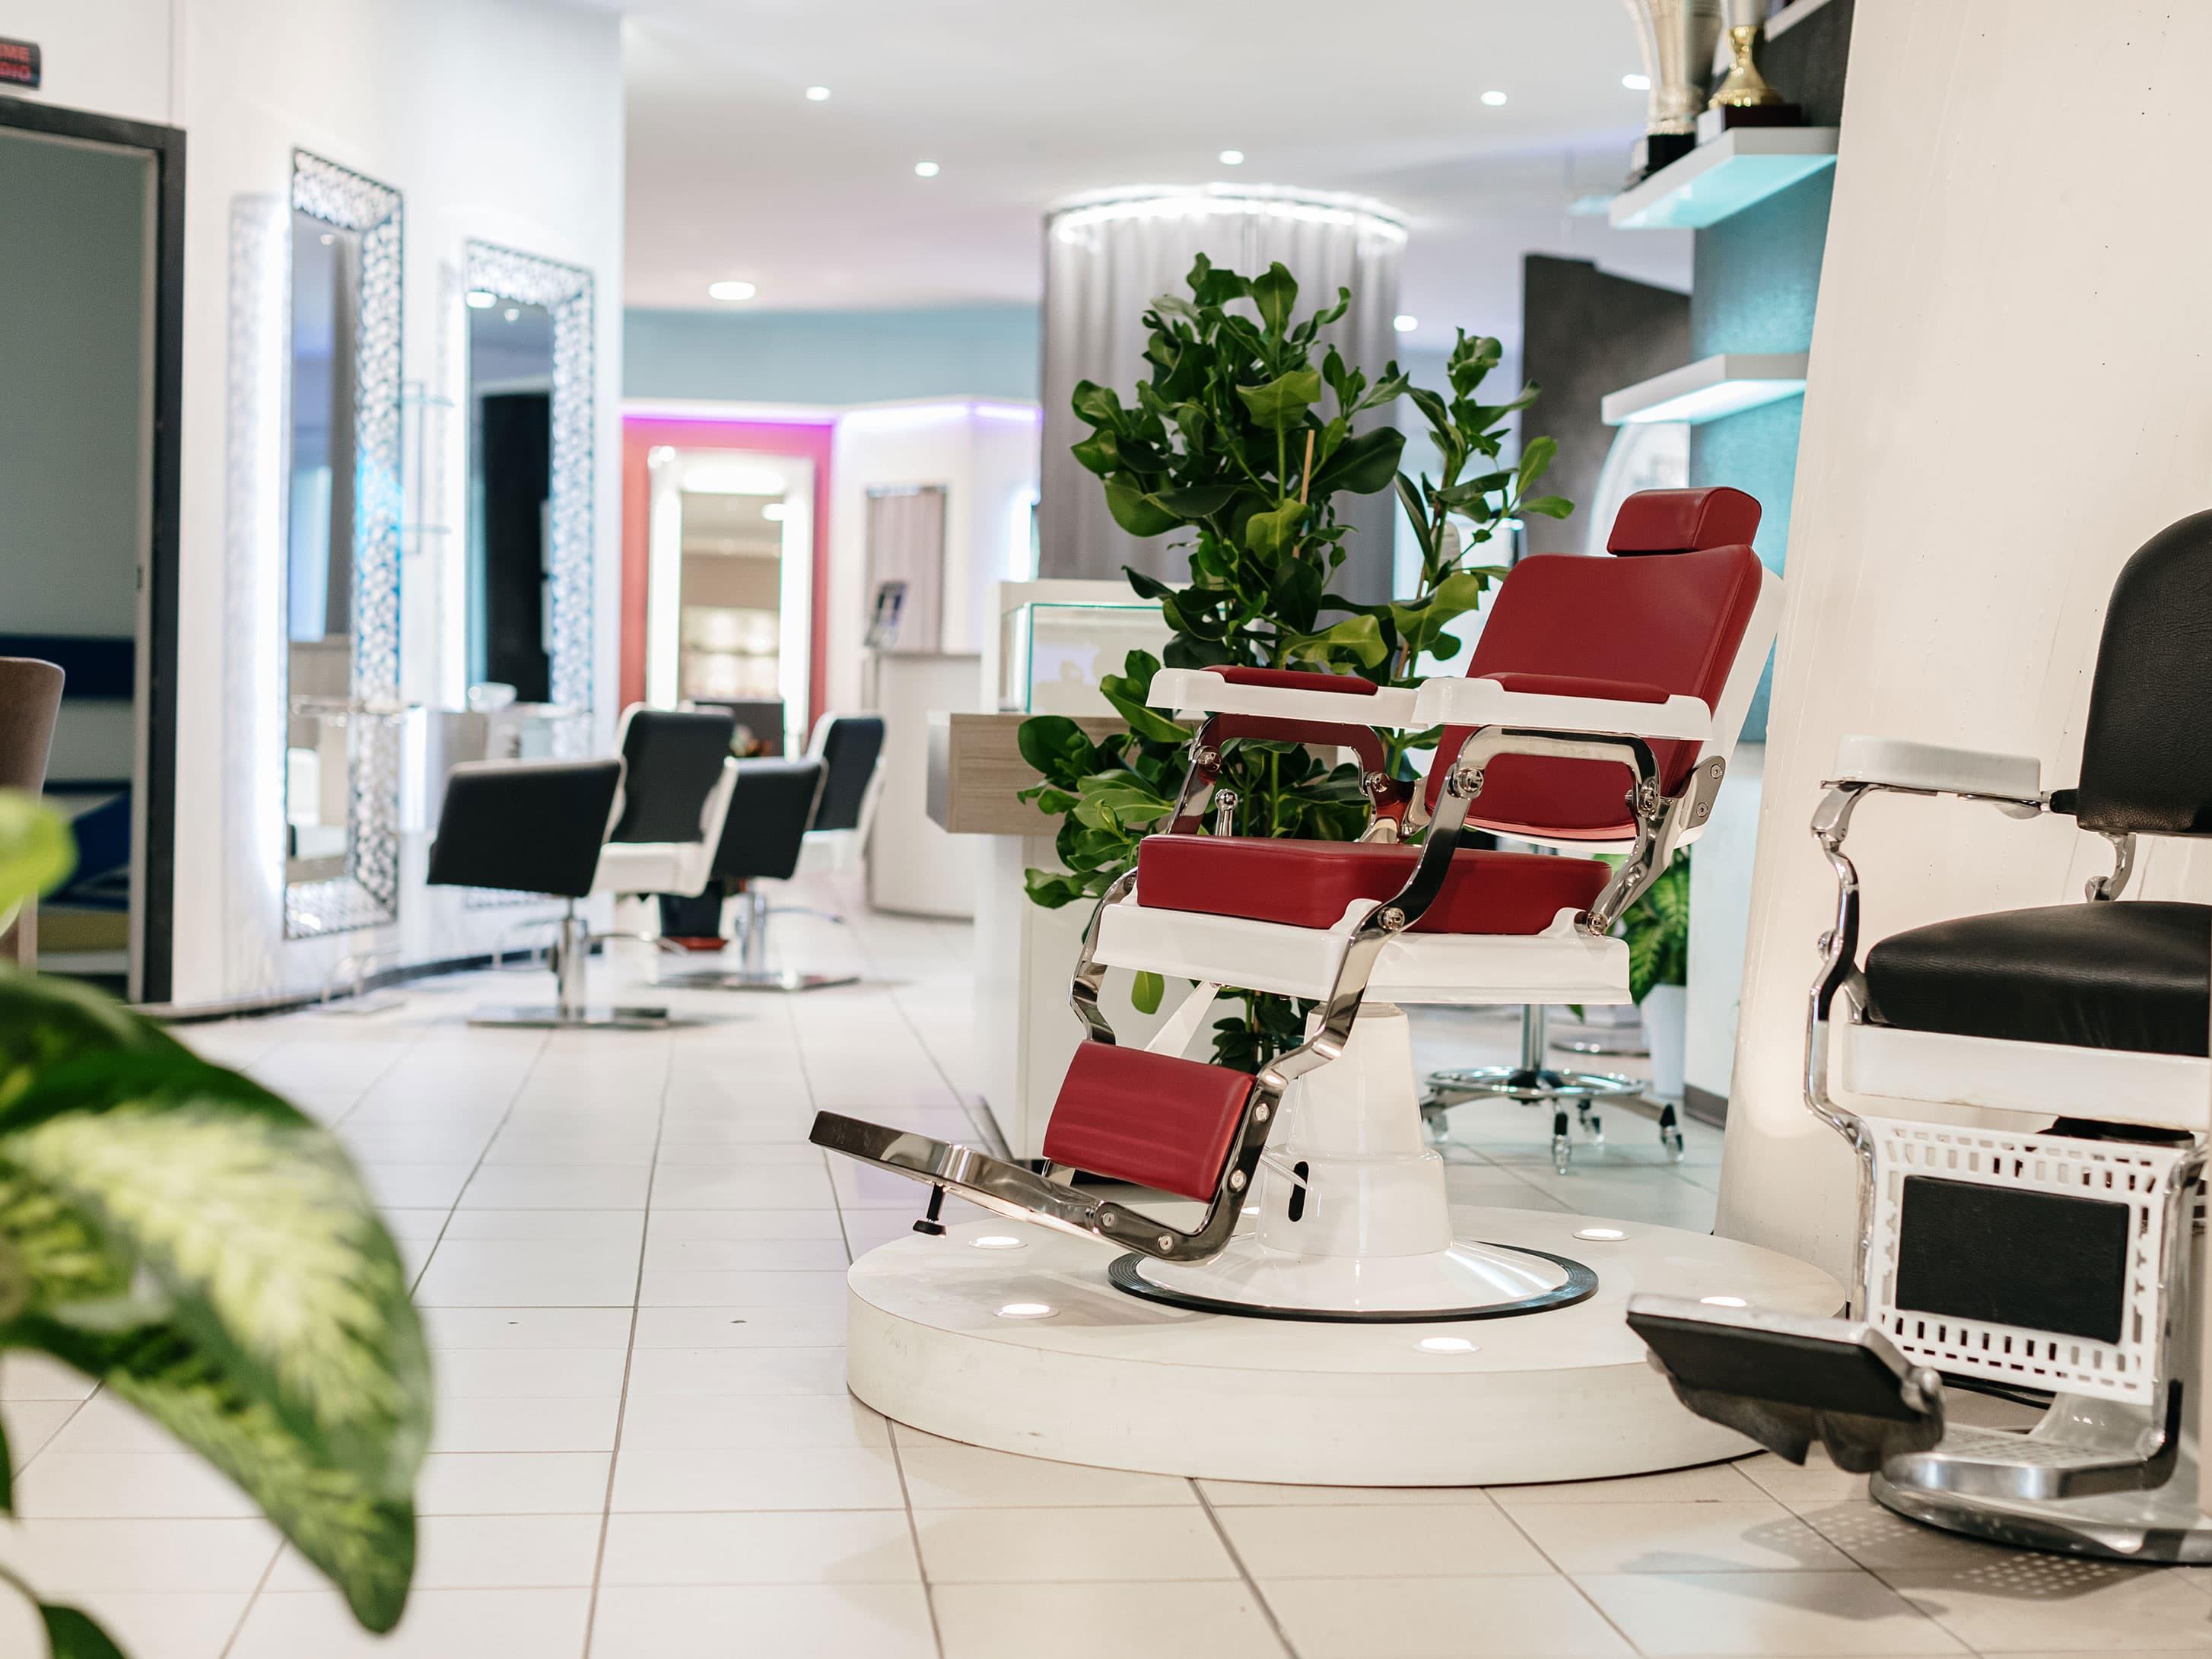 1000mq di esposizione di arredamento per estetisti e parrucchieri